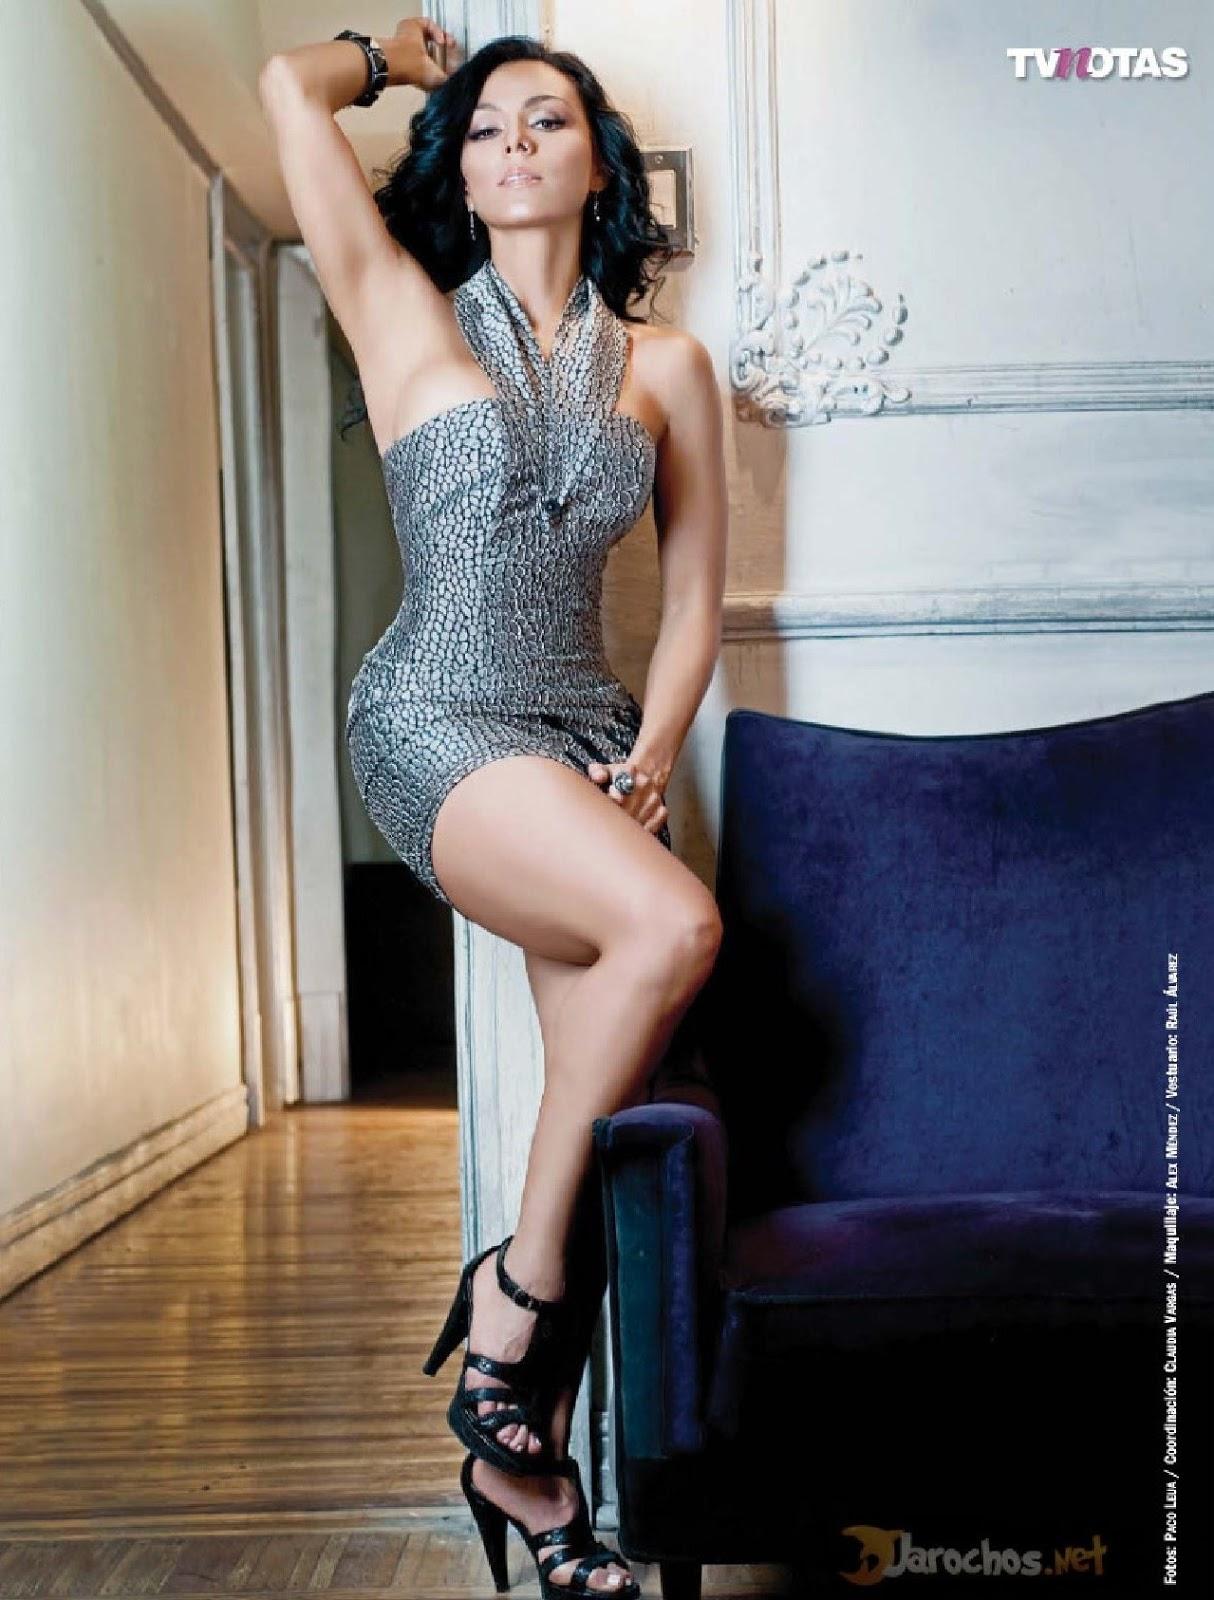 ivonne montero tvnotas magazine may 2012